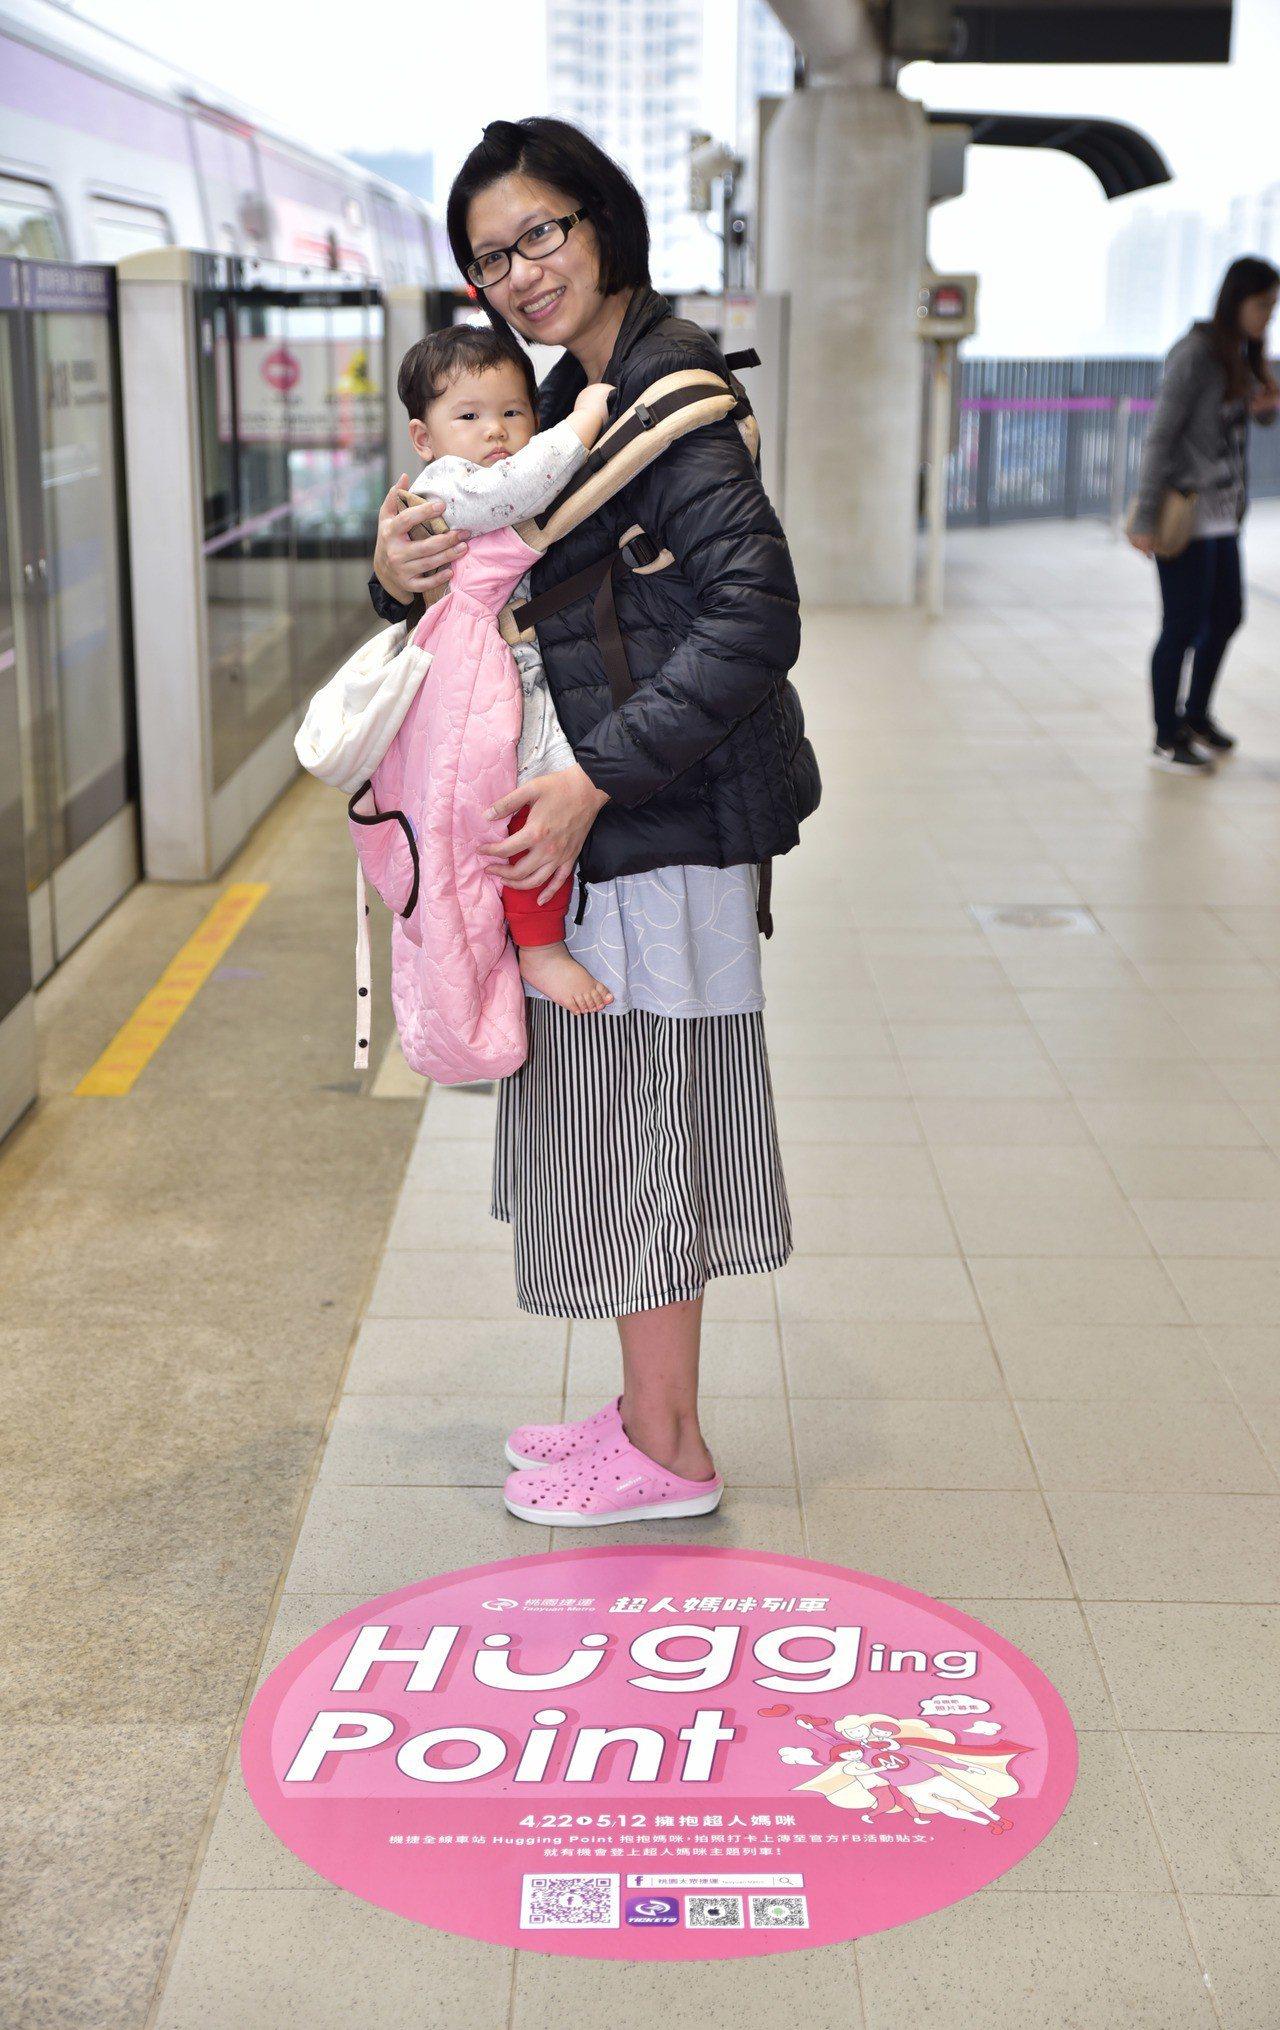 桃園大眾捷運公司迎接母親節,今年再度推出超人媽咪列車活動,從22日起至5月12日...